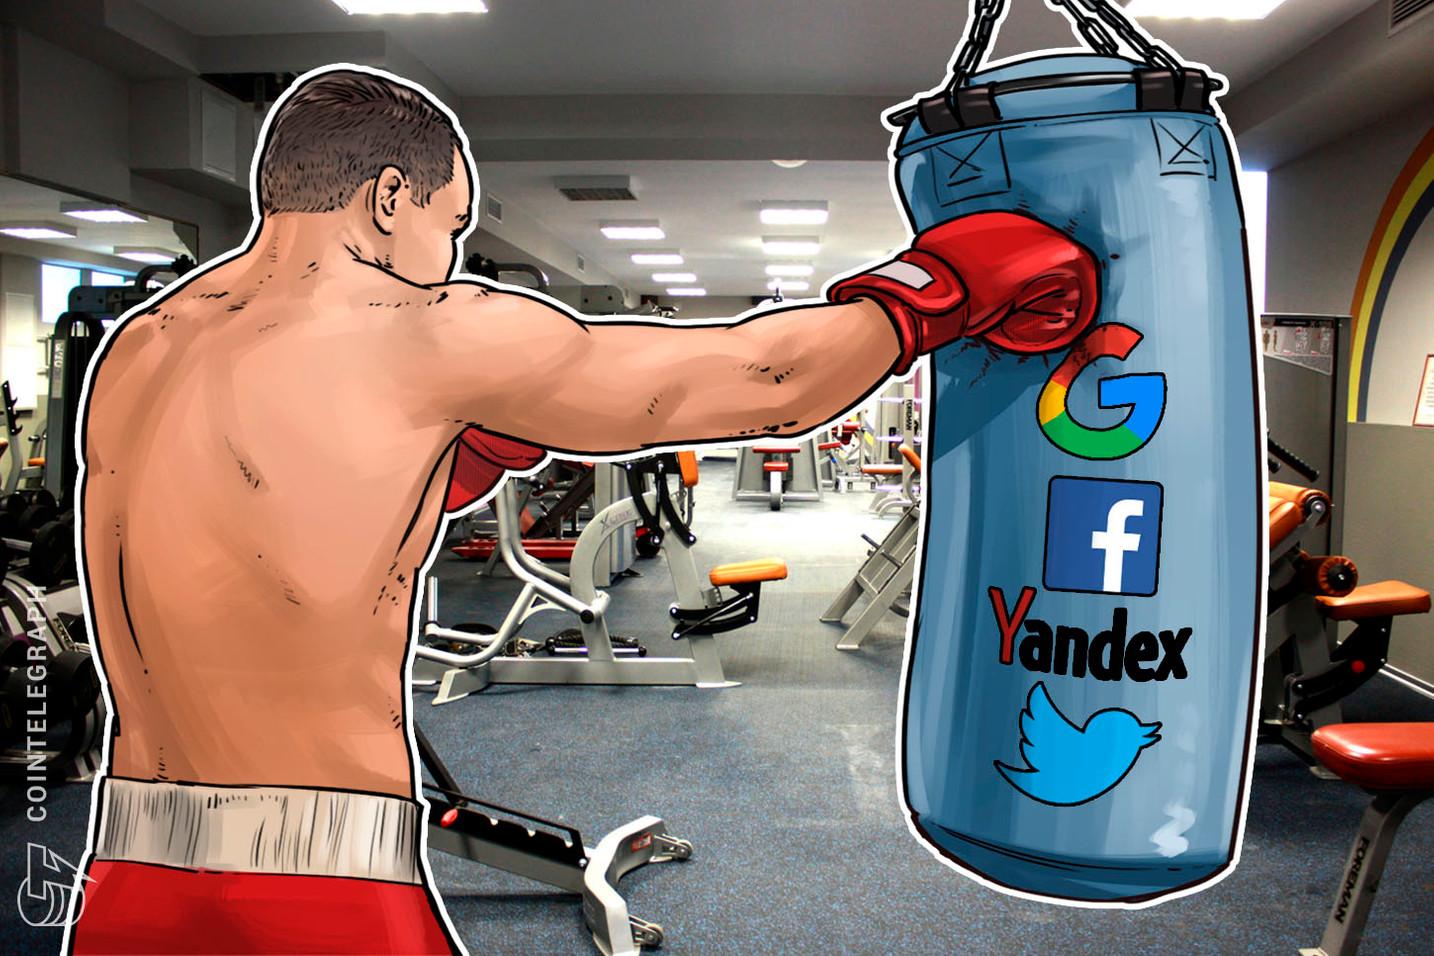 الاتحاد الأوروبي الآسيوي لبلوكتشين يعتزم مقاضاة عمالقة وسائل الإعلام الاجتماعية لحظرها إعلانات العملات الرقمية